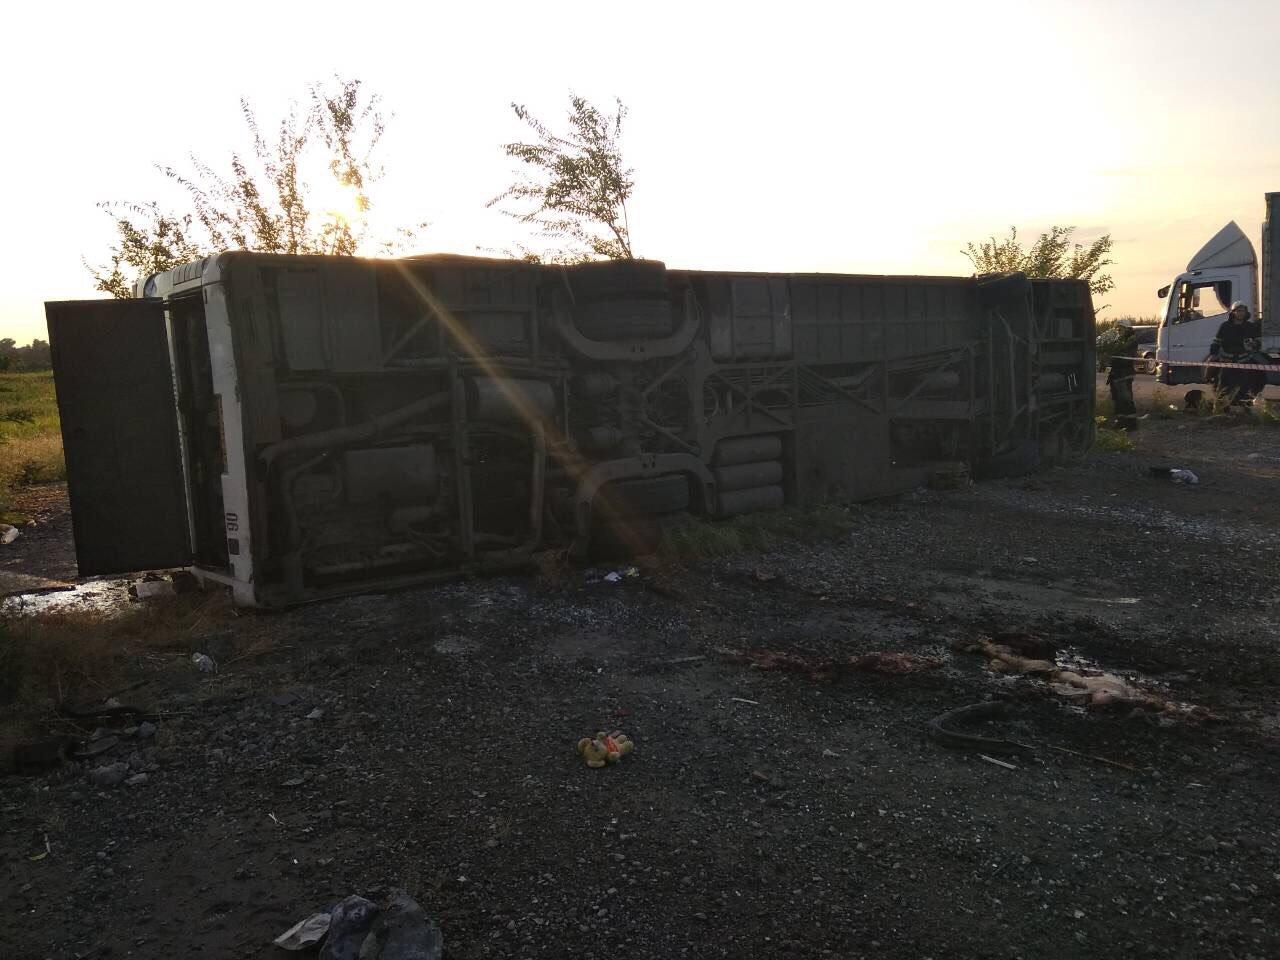 На Днепропетровщине столкнулись иномарка и рейсовый автобус: есть погибшие,  - ФОТО, фото-5